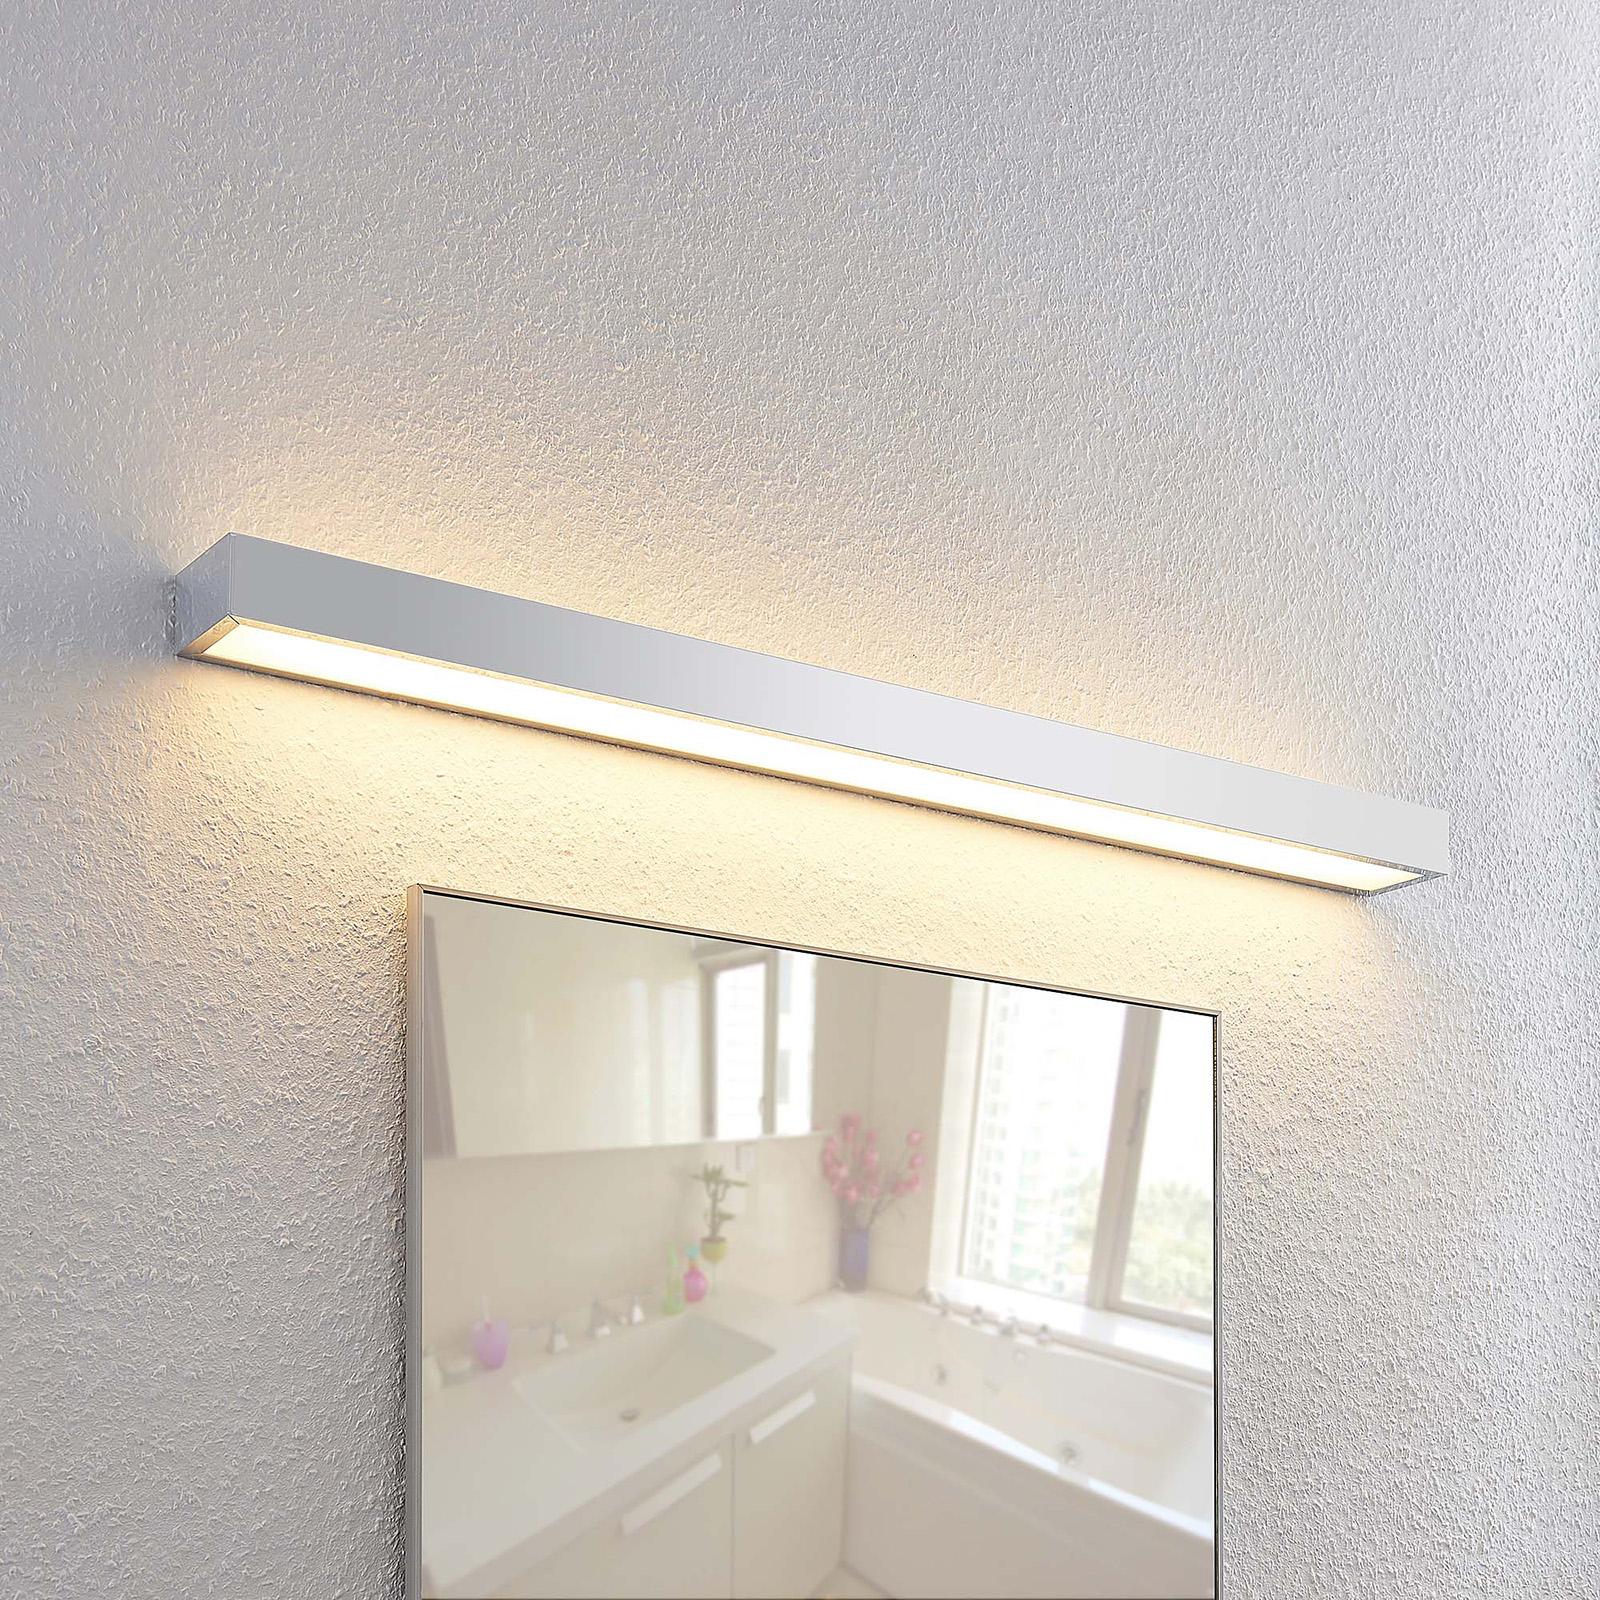 Lindby Layan LED-vegglampe til bad, krom, 90 cm